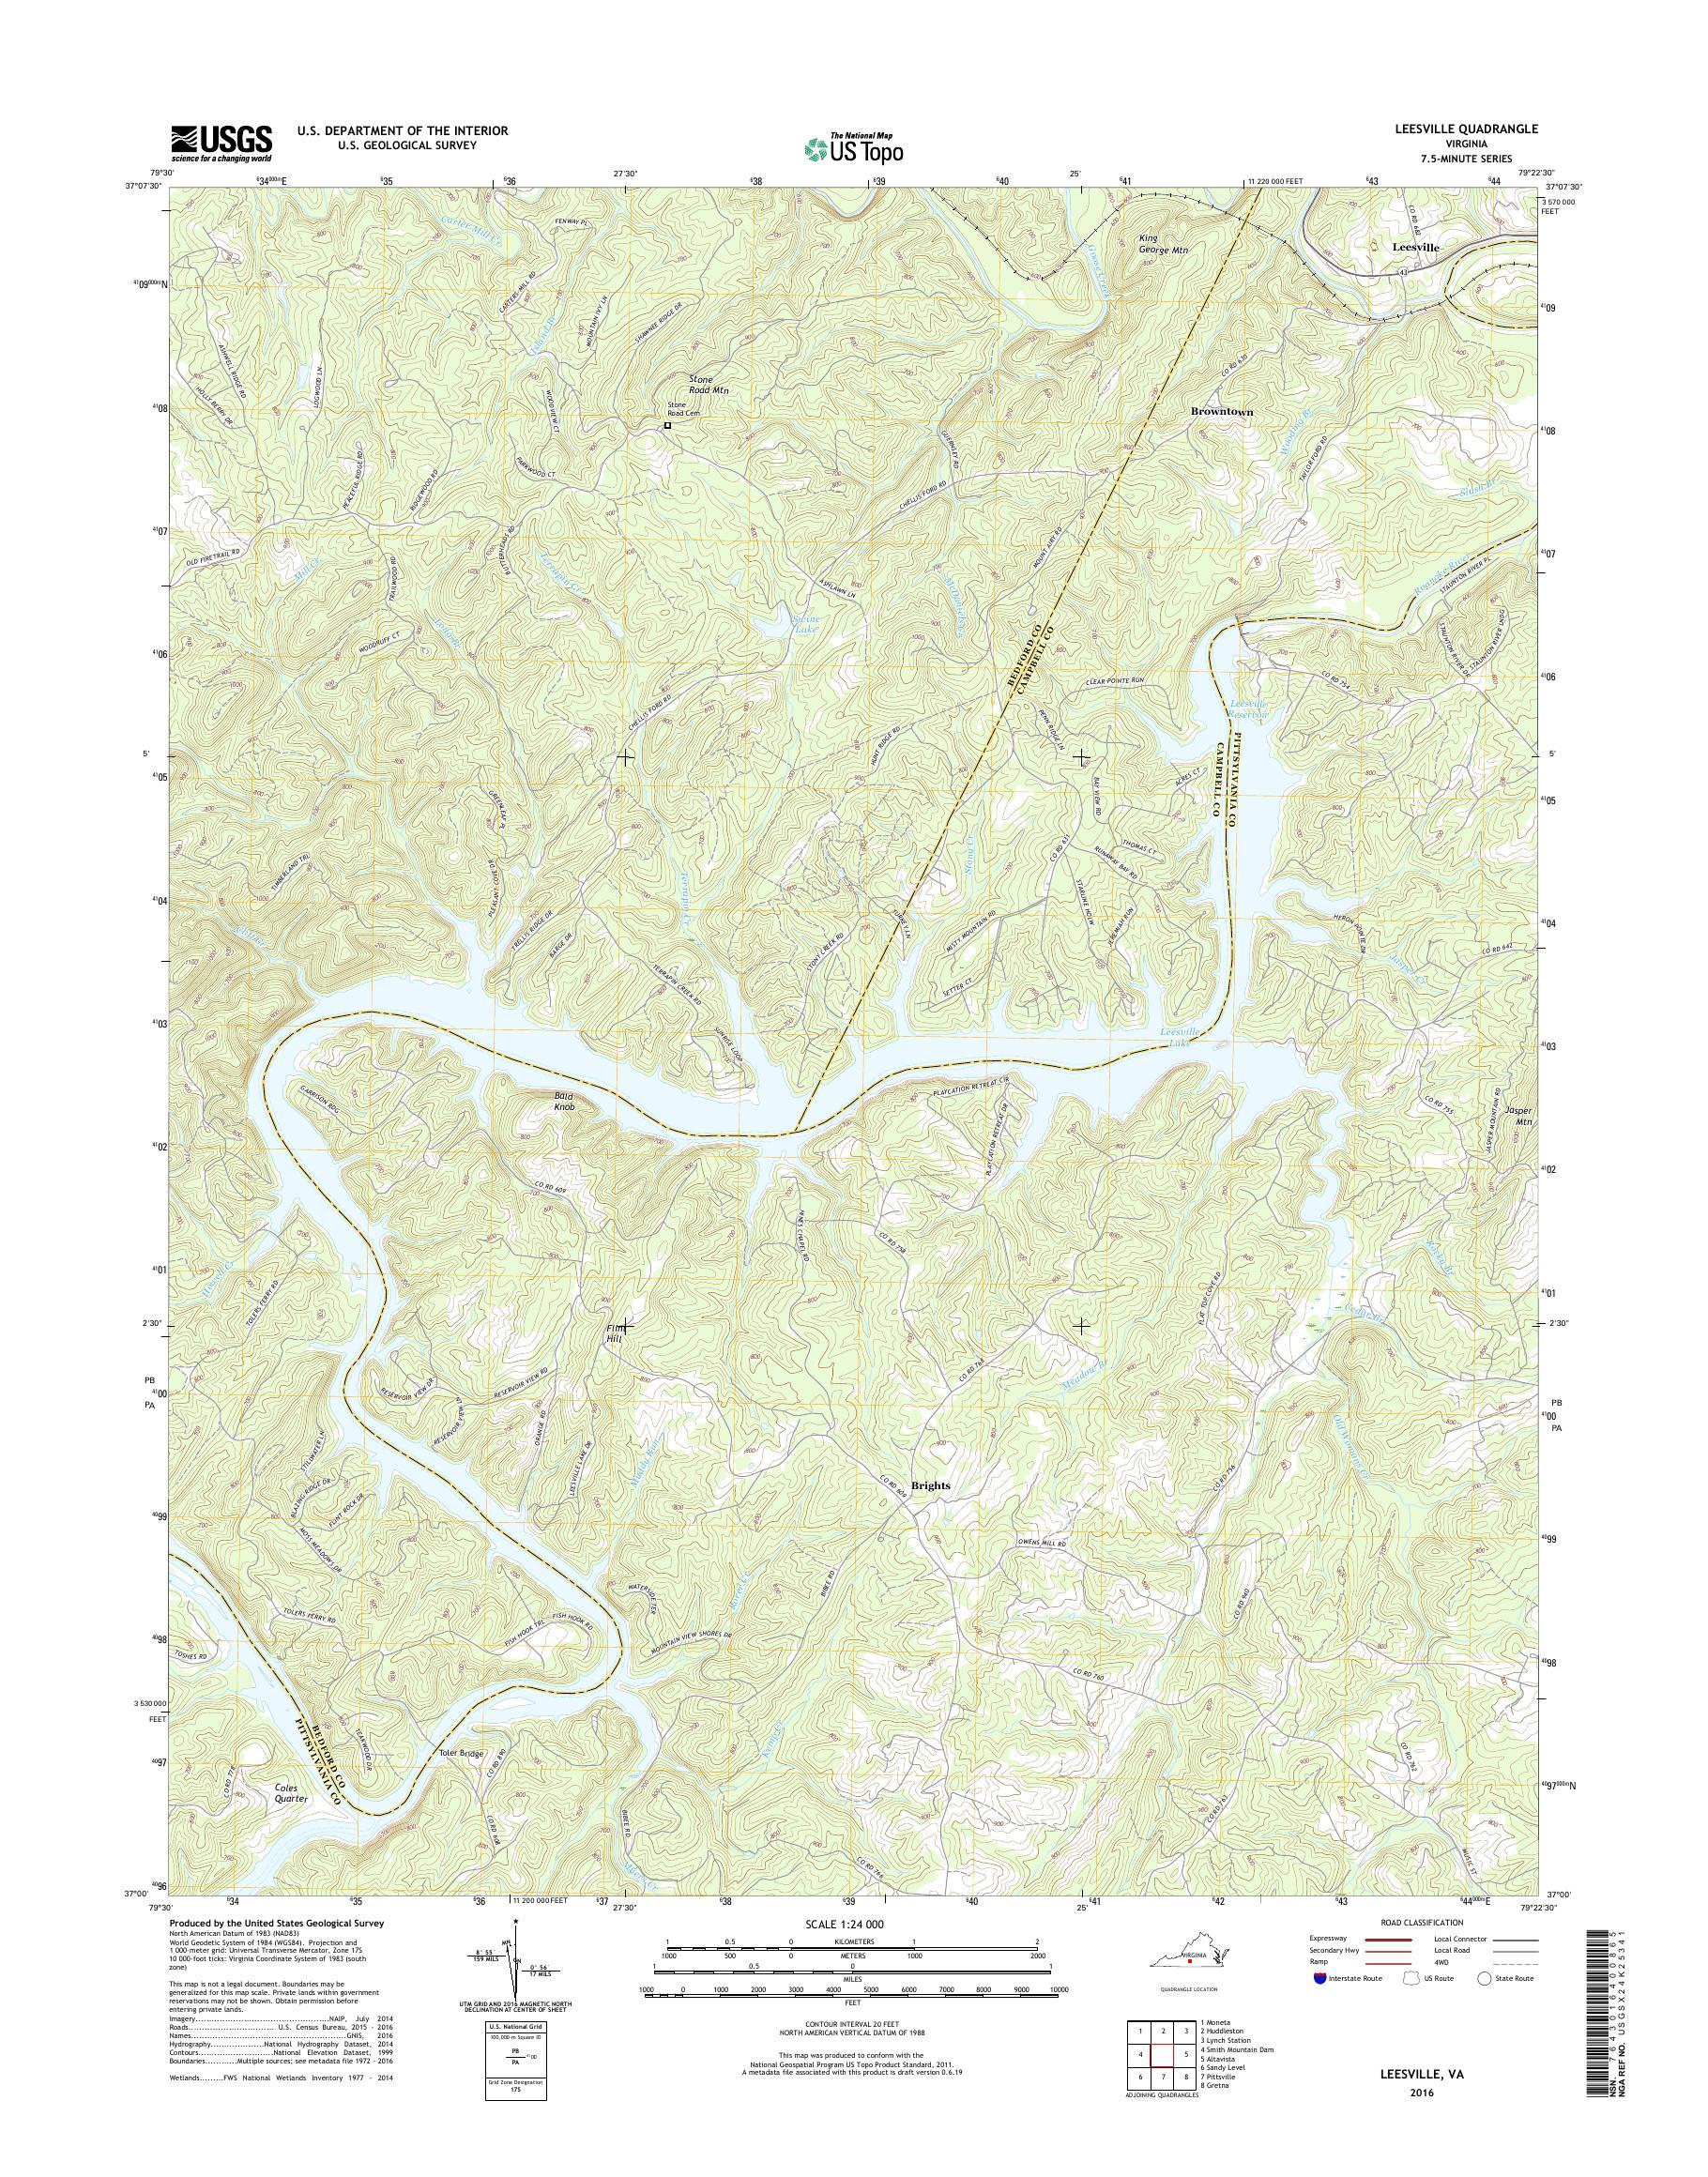 Mytopo Leesville Virginia Usgs Quad Topo Map